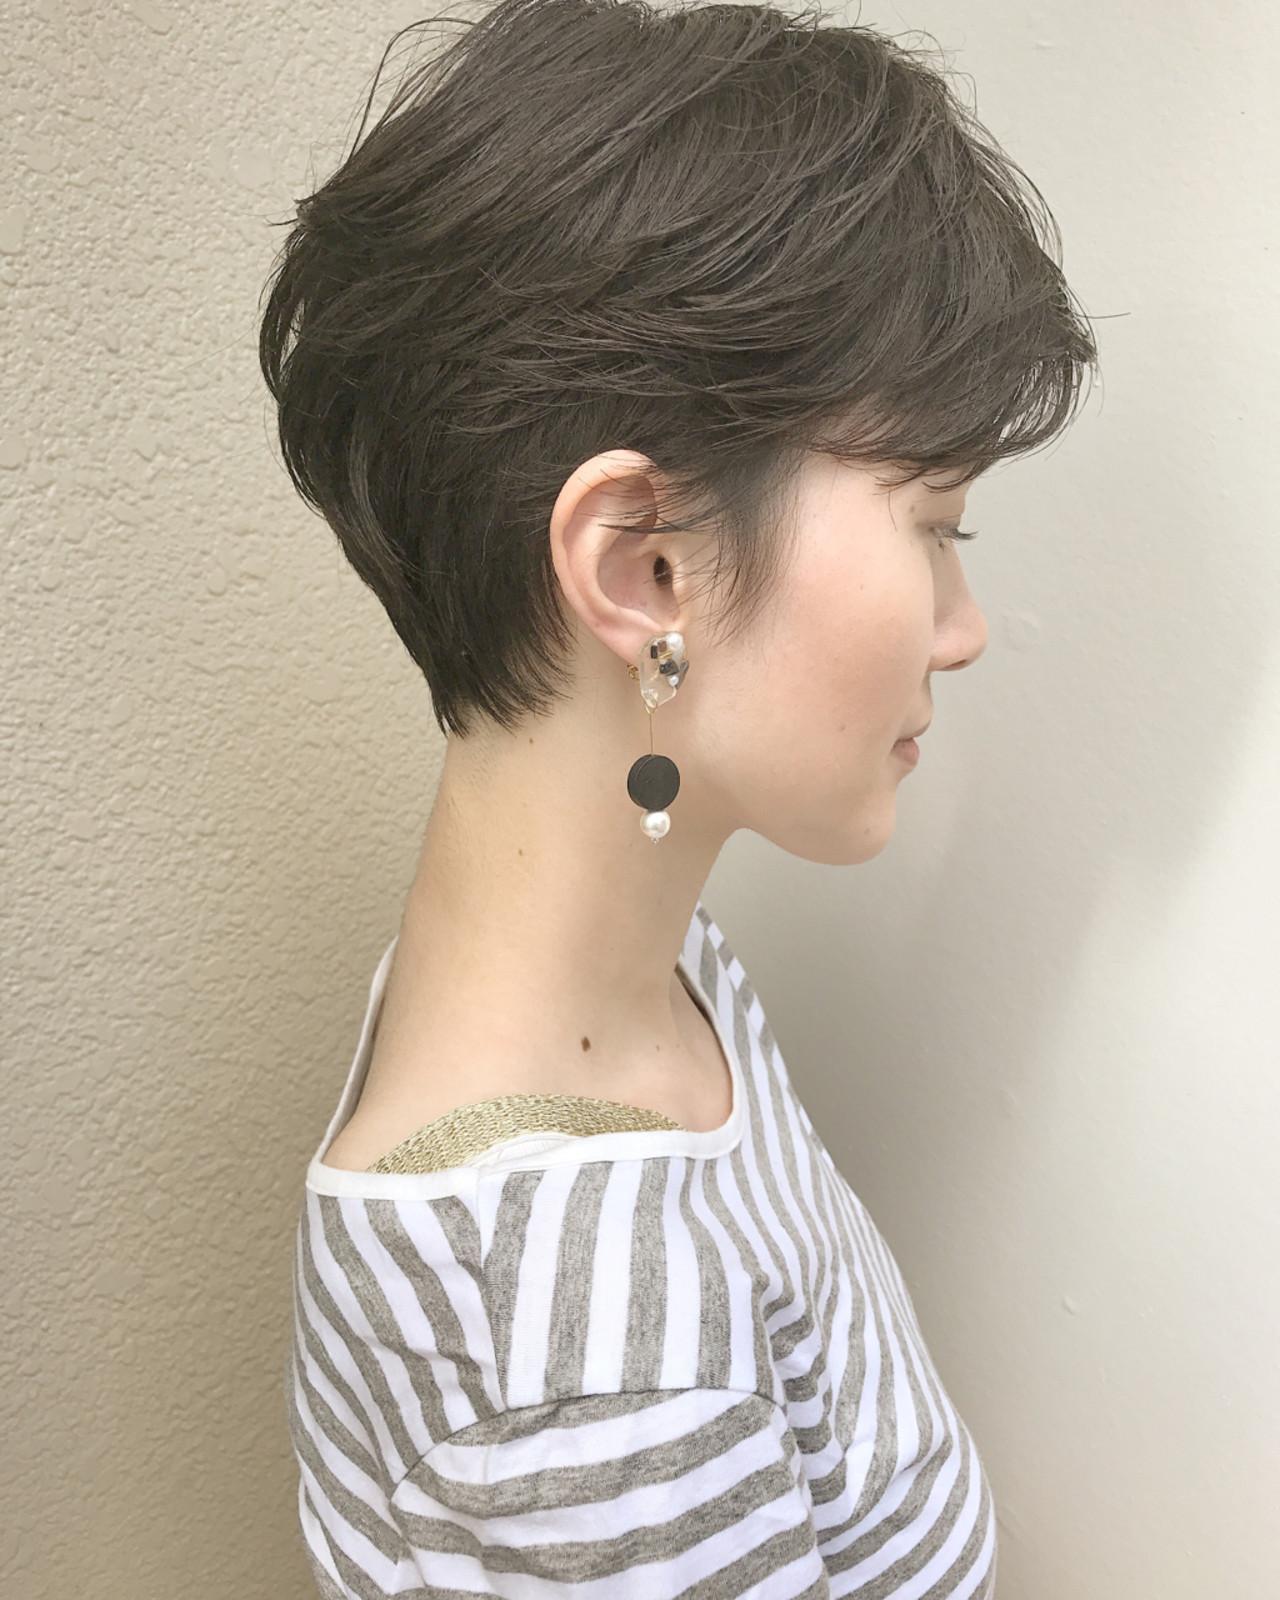 ナチュラル ショート 大人女子 オフィス ヘアスタイルや髪型の写真・画像